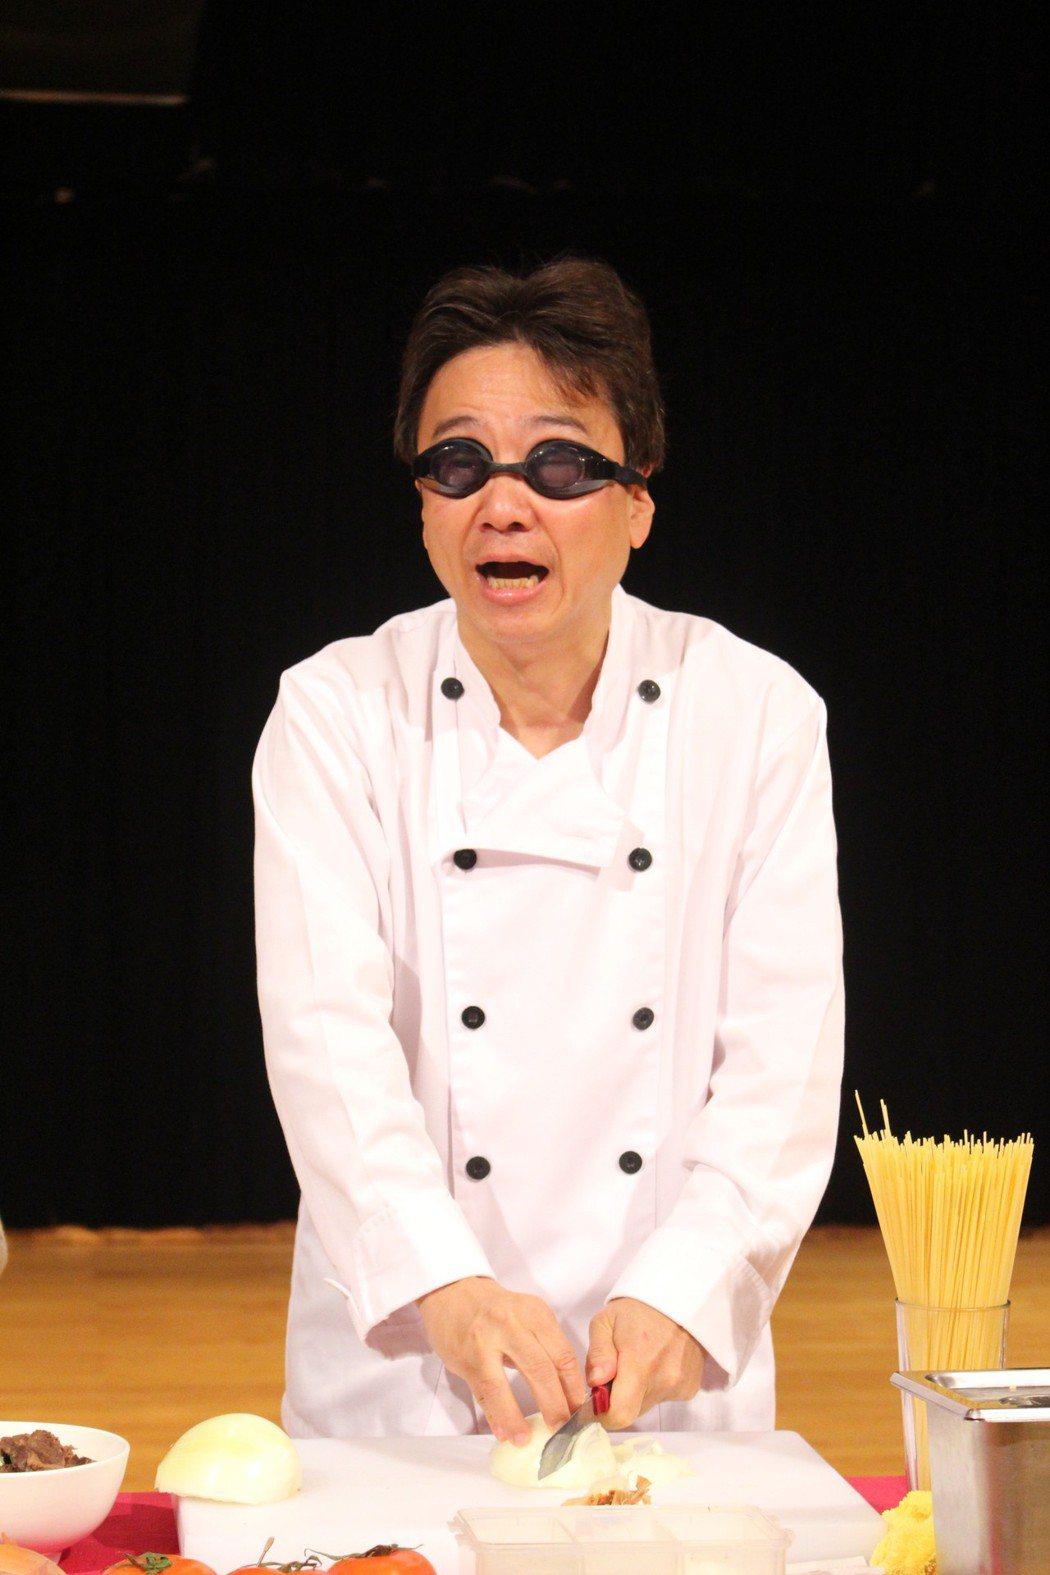 大提琴音樂家張正傑今年推出「牛肉麵PK義大利麵」親子音樂劇,並搞笑戴上泳鏡切洋蔥...